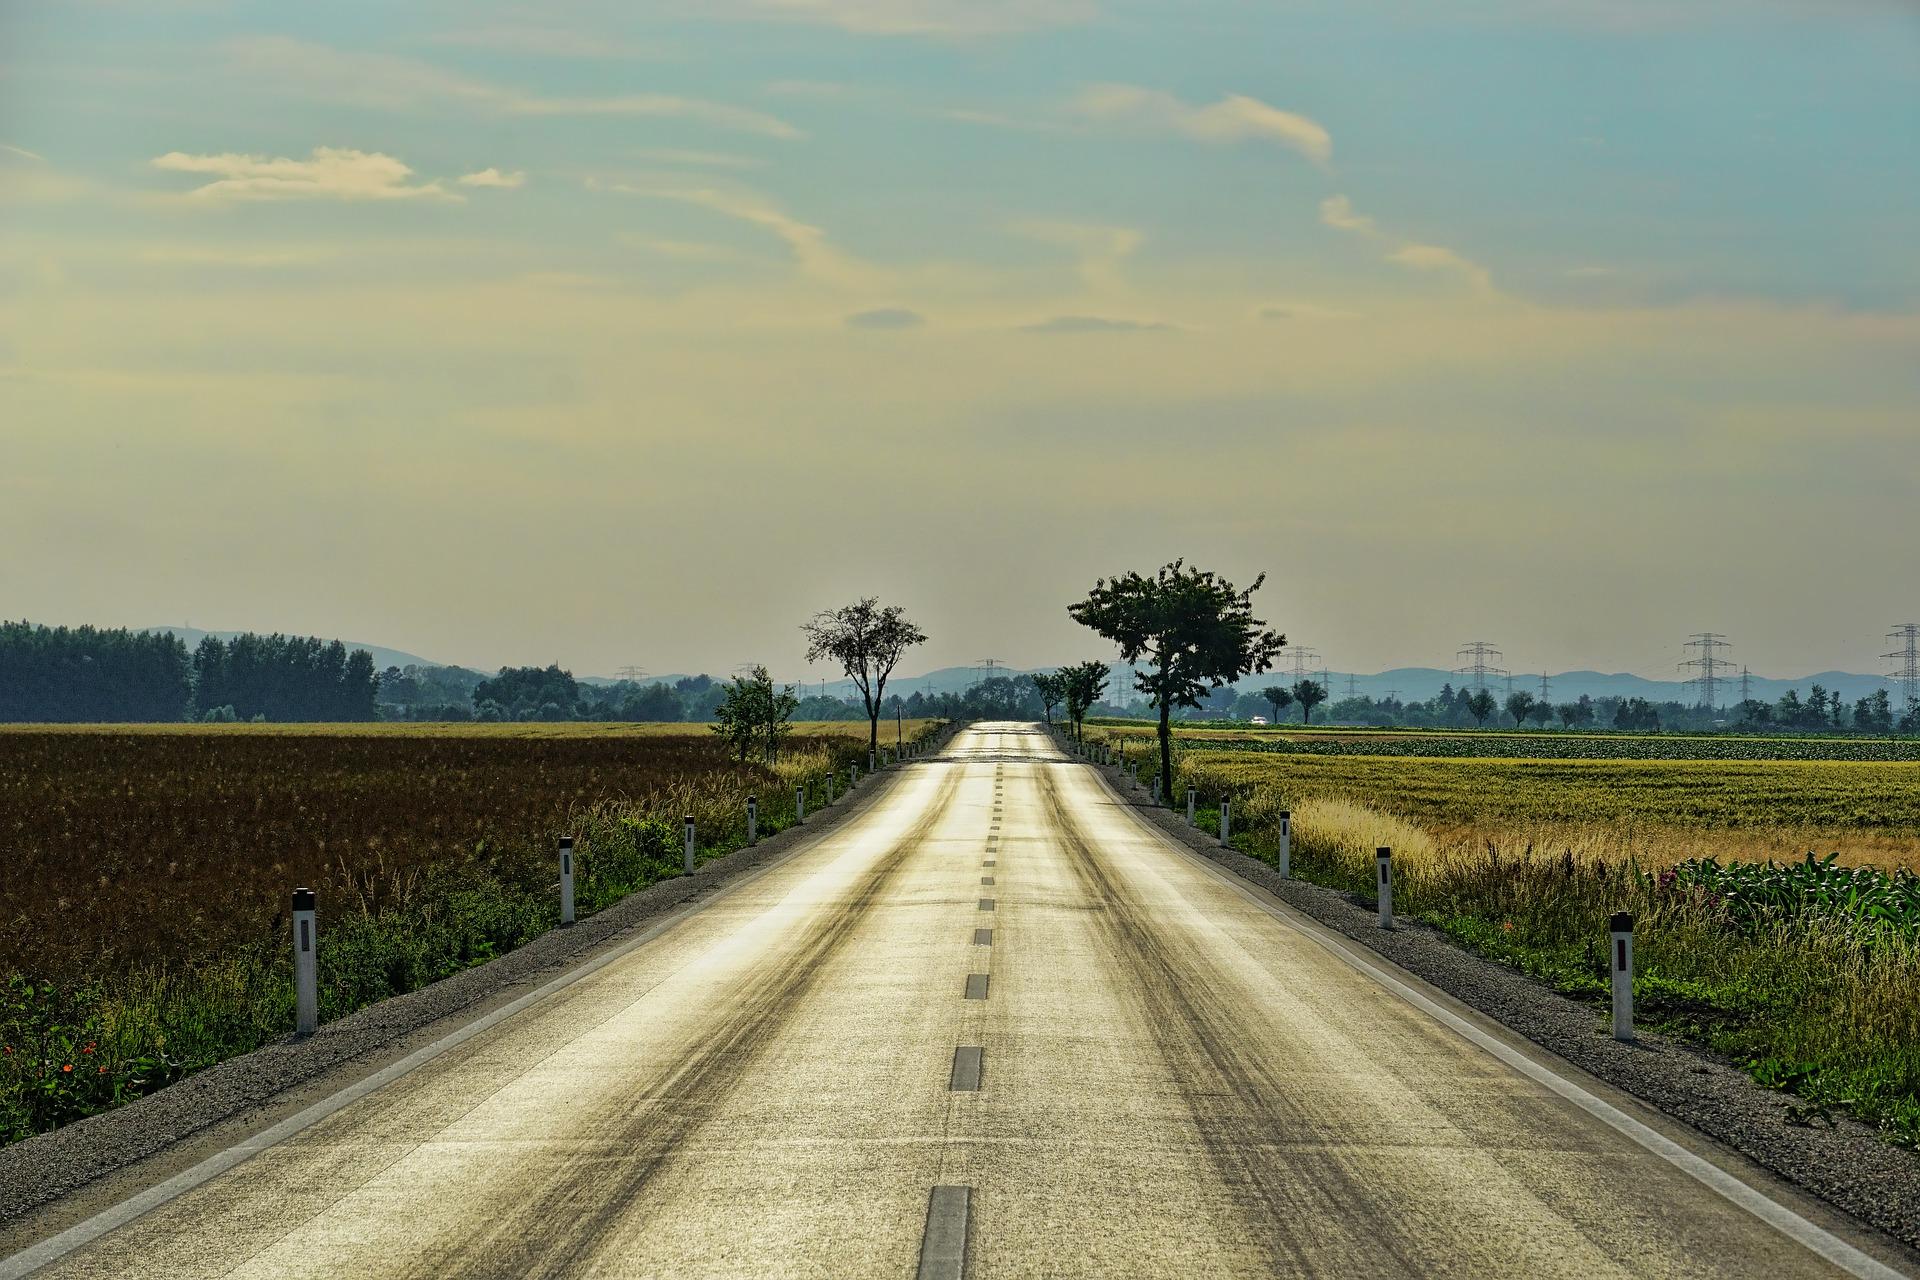 road-3469810_1920.jpg